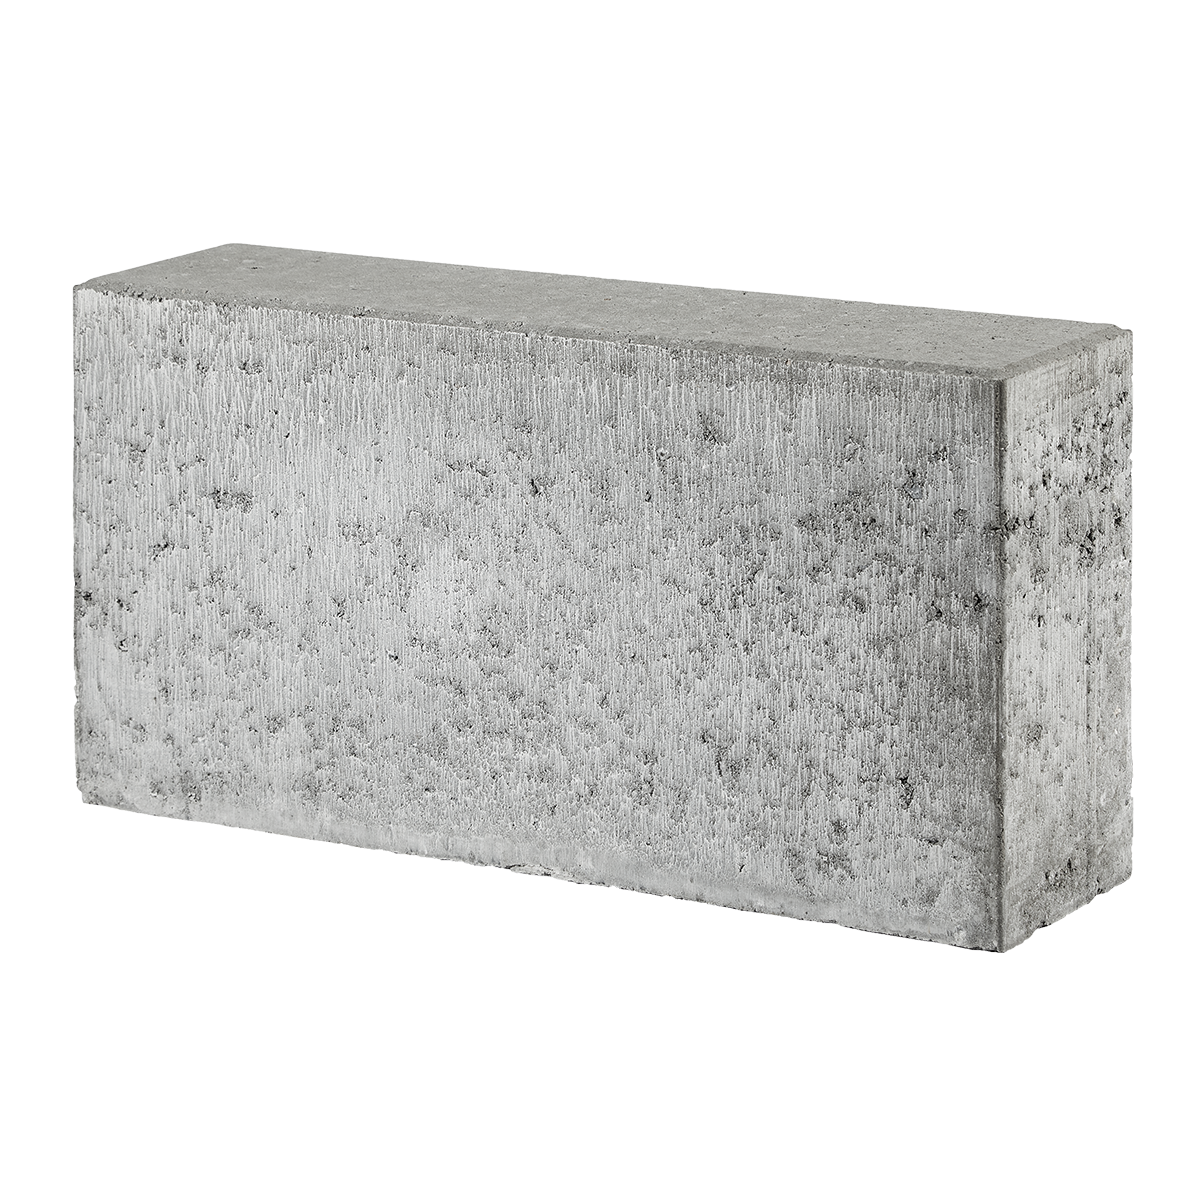 Albertslundkantsten 15x30x60 cm Grå vandret overside